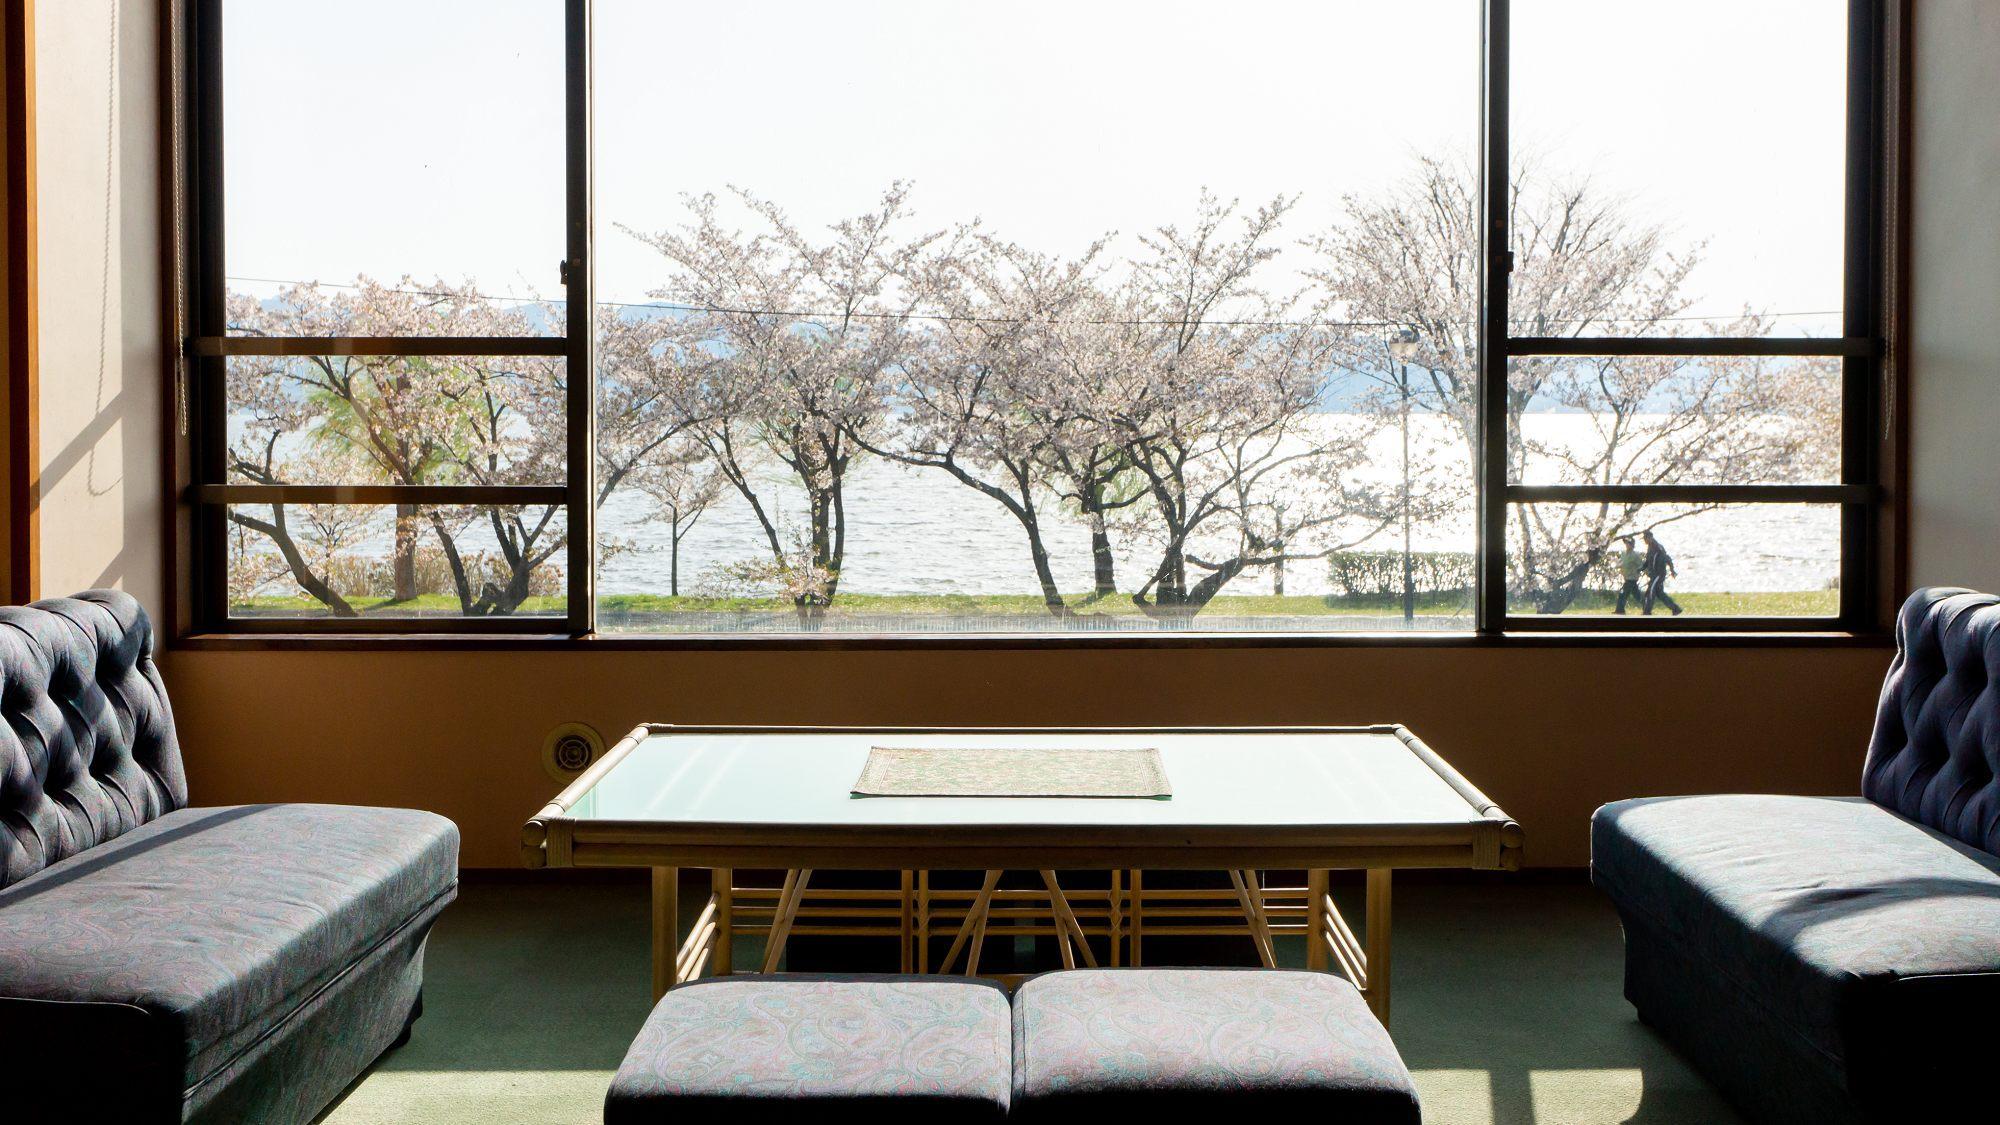 【休み処】諏訪湖を眺めながらごゆっくりと